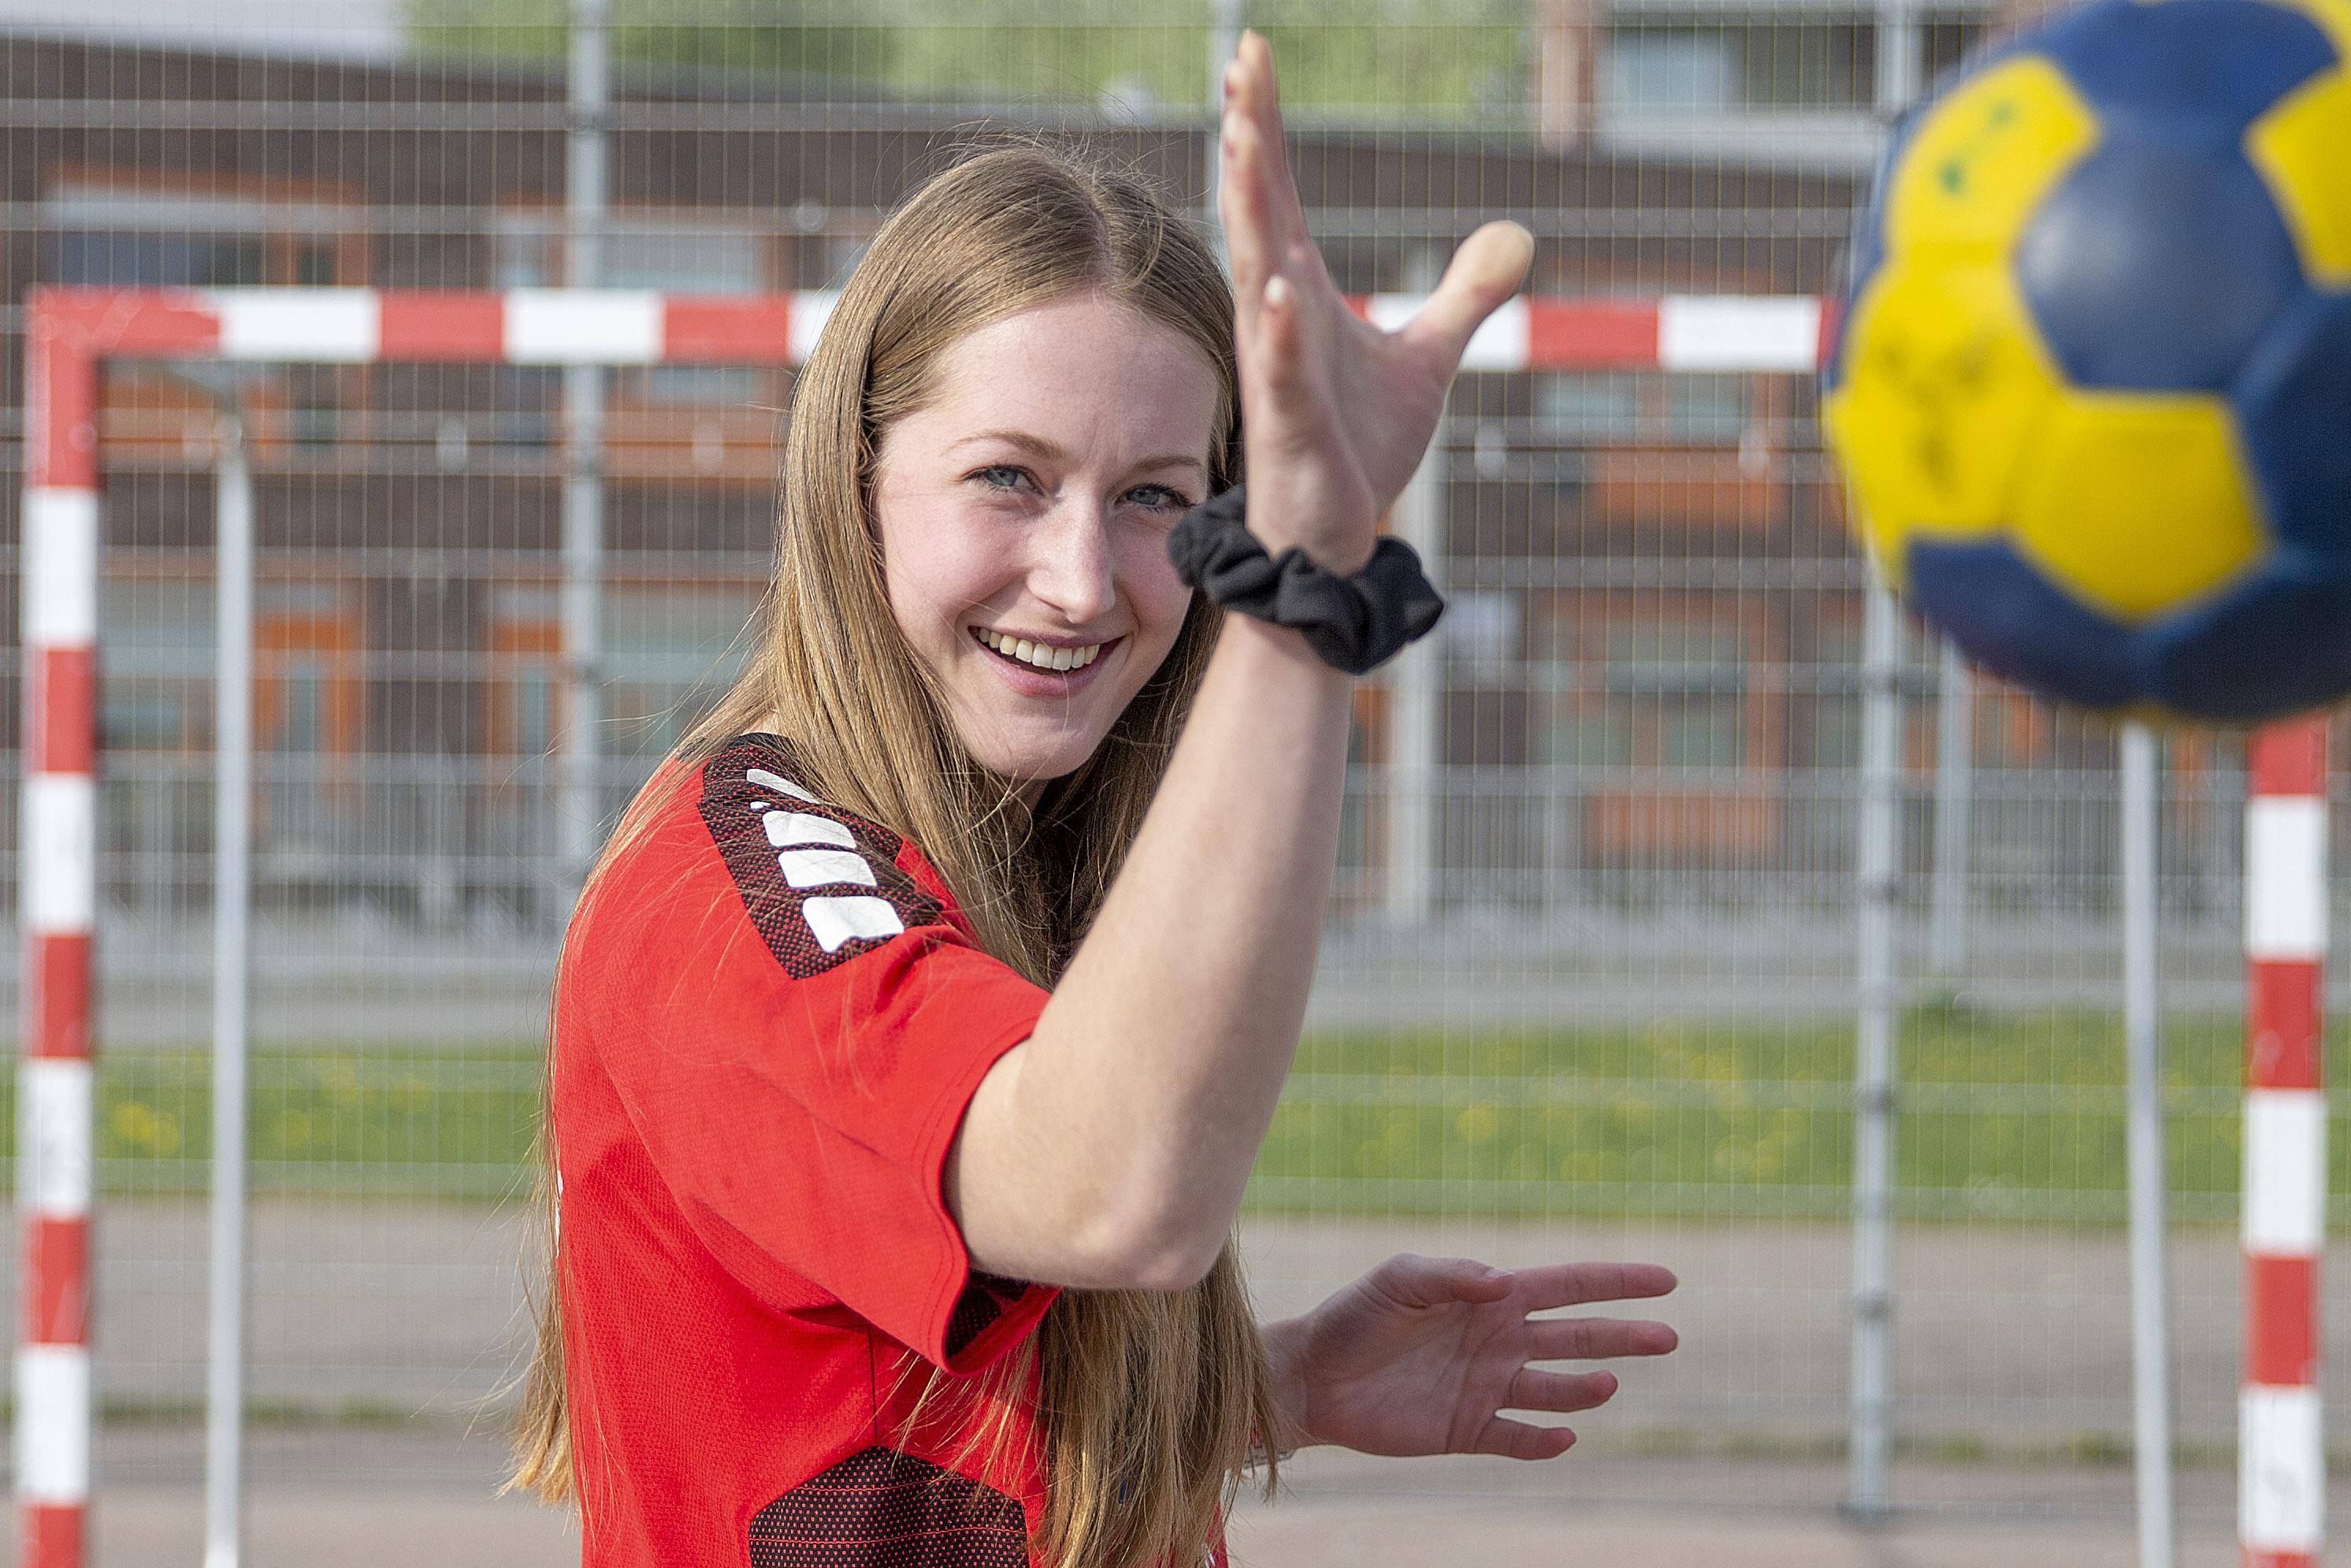 Handbalster Carlien Smit keert terug in Polder om diploma te halen: 'Club in Duitsland was goed te vergelijken met hoe het bij ZAP gaat. Misschien was ik daarom ook wel zo enthousiast'